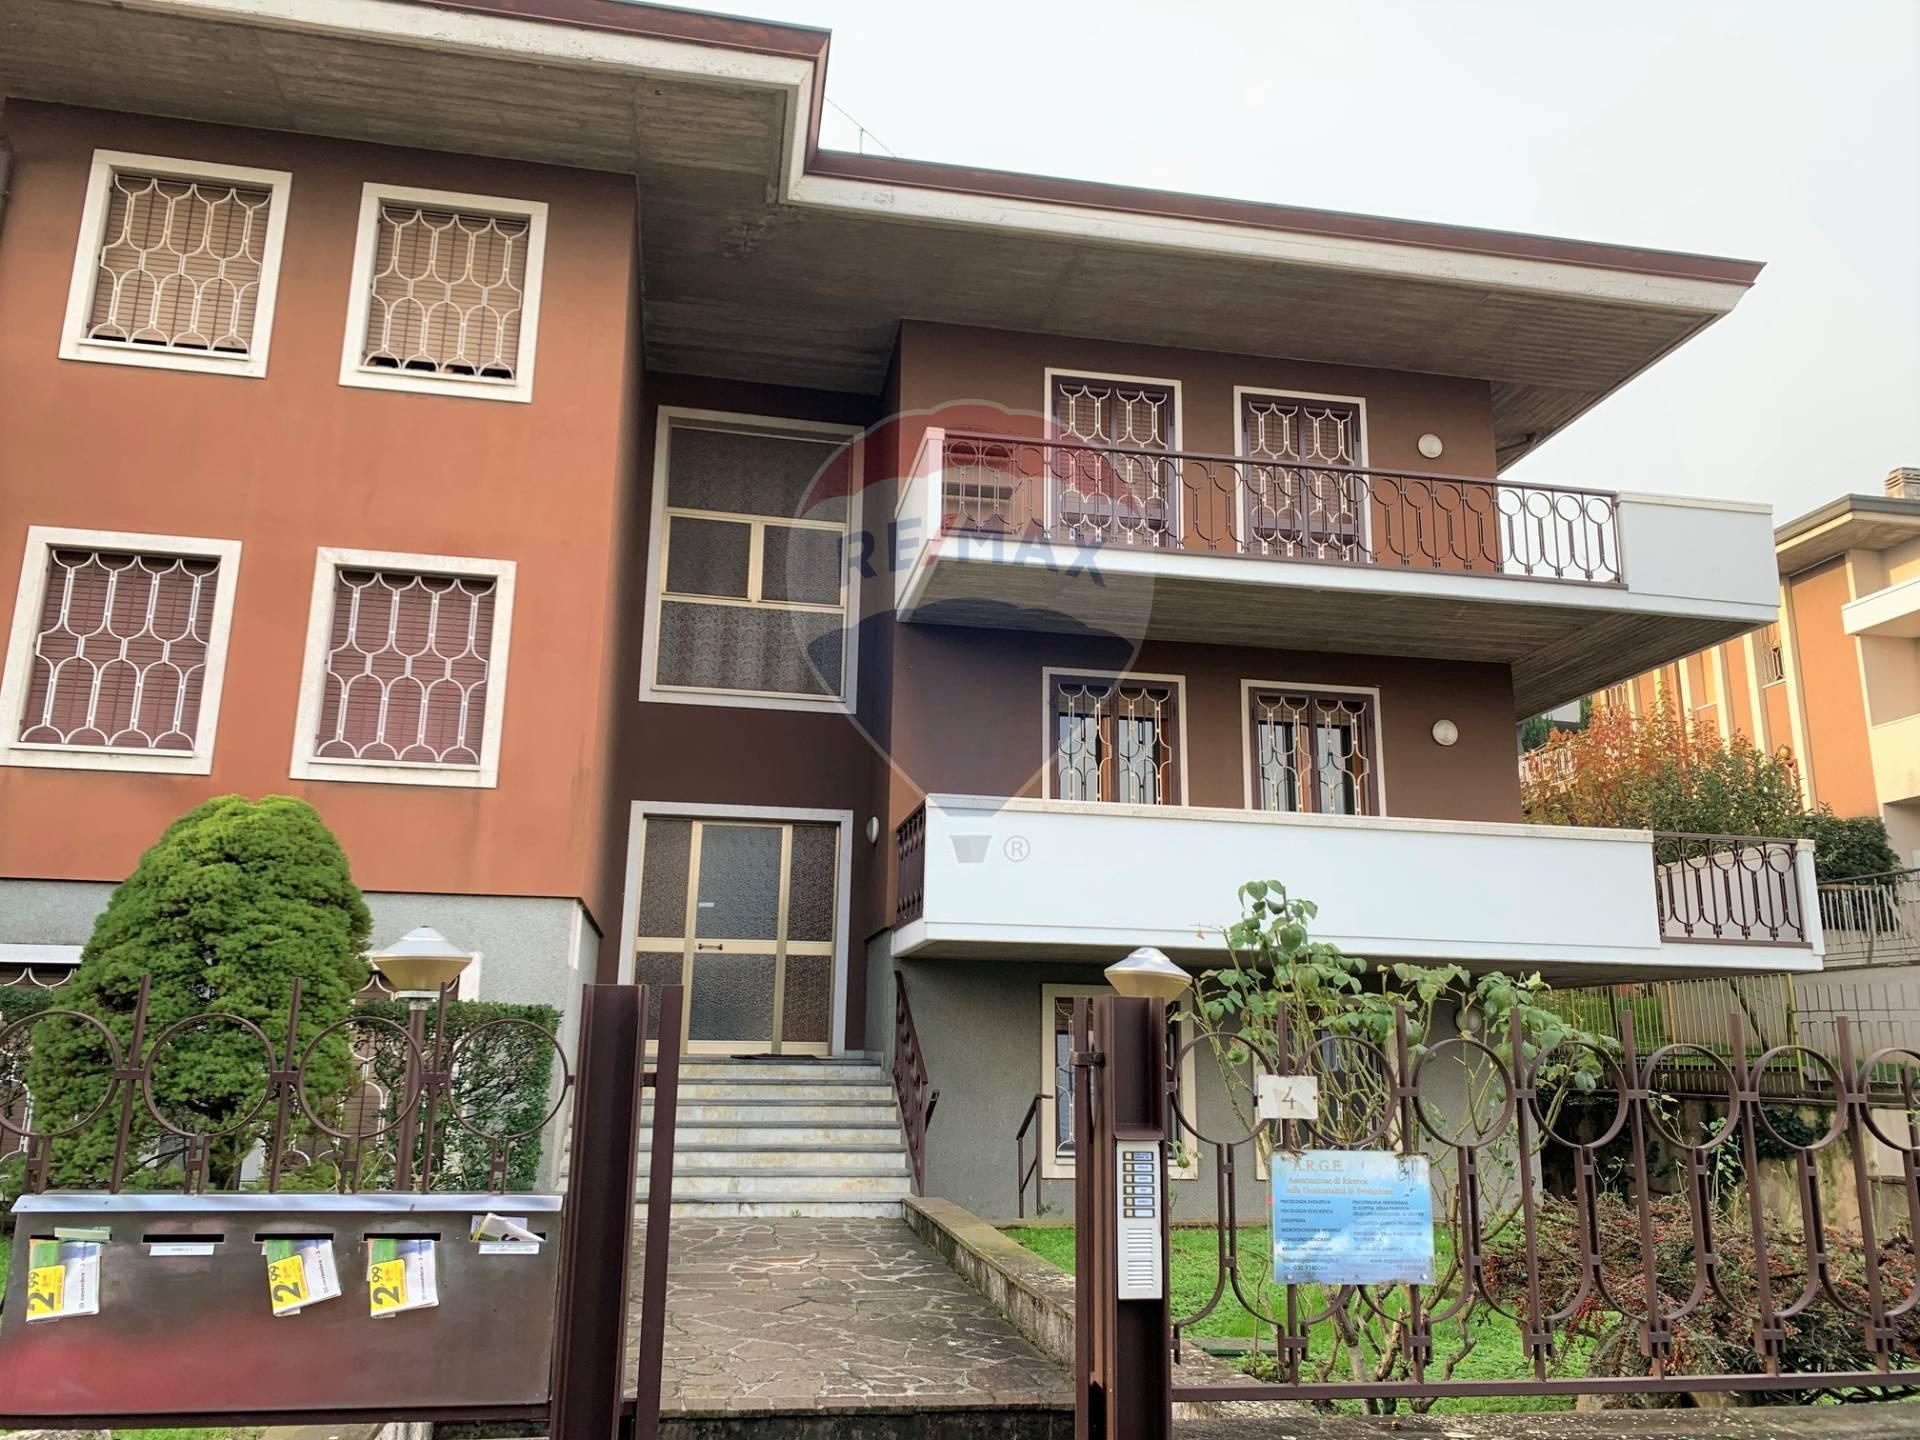 Appartamento in vendita a Desenzano del Garda, 5 locali, prezzo € 475.000 | PortaleAgenzieImmobiliari.it